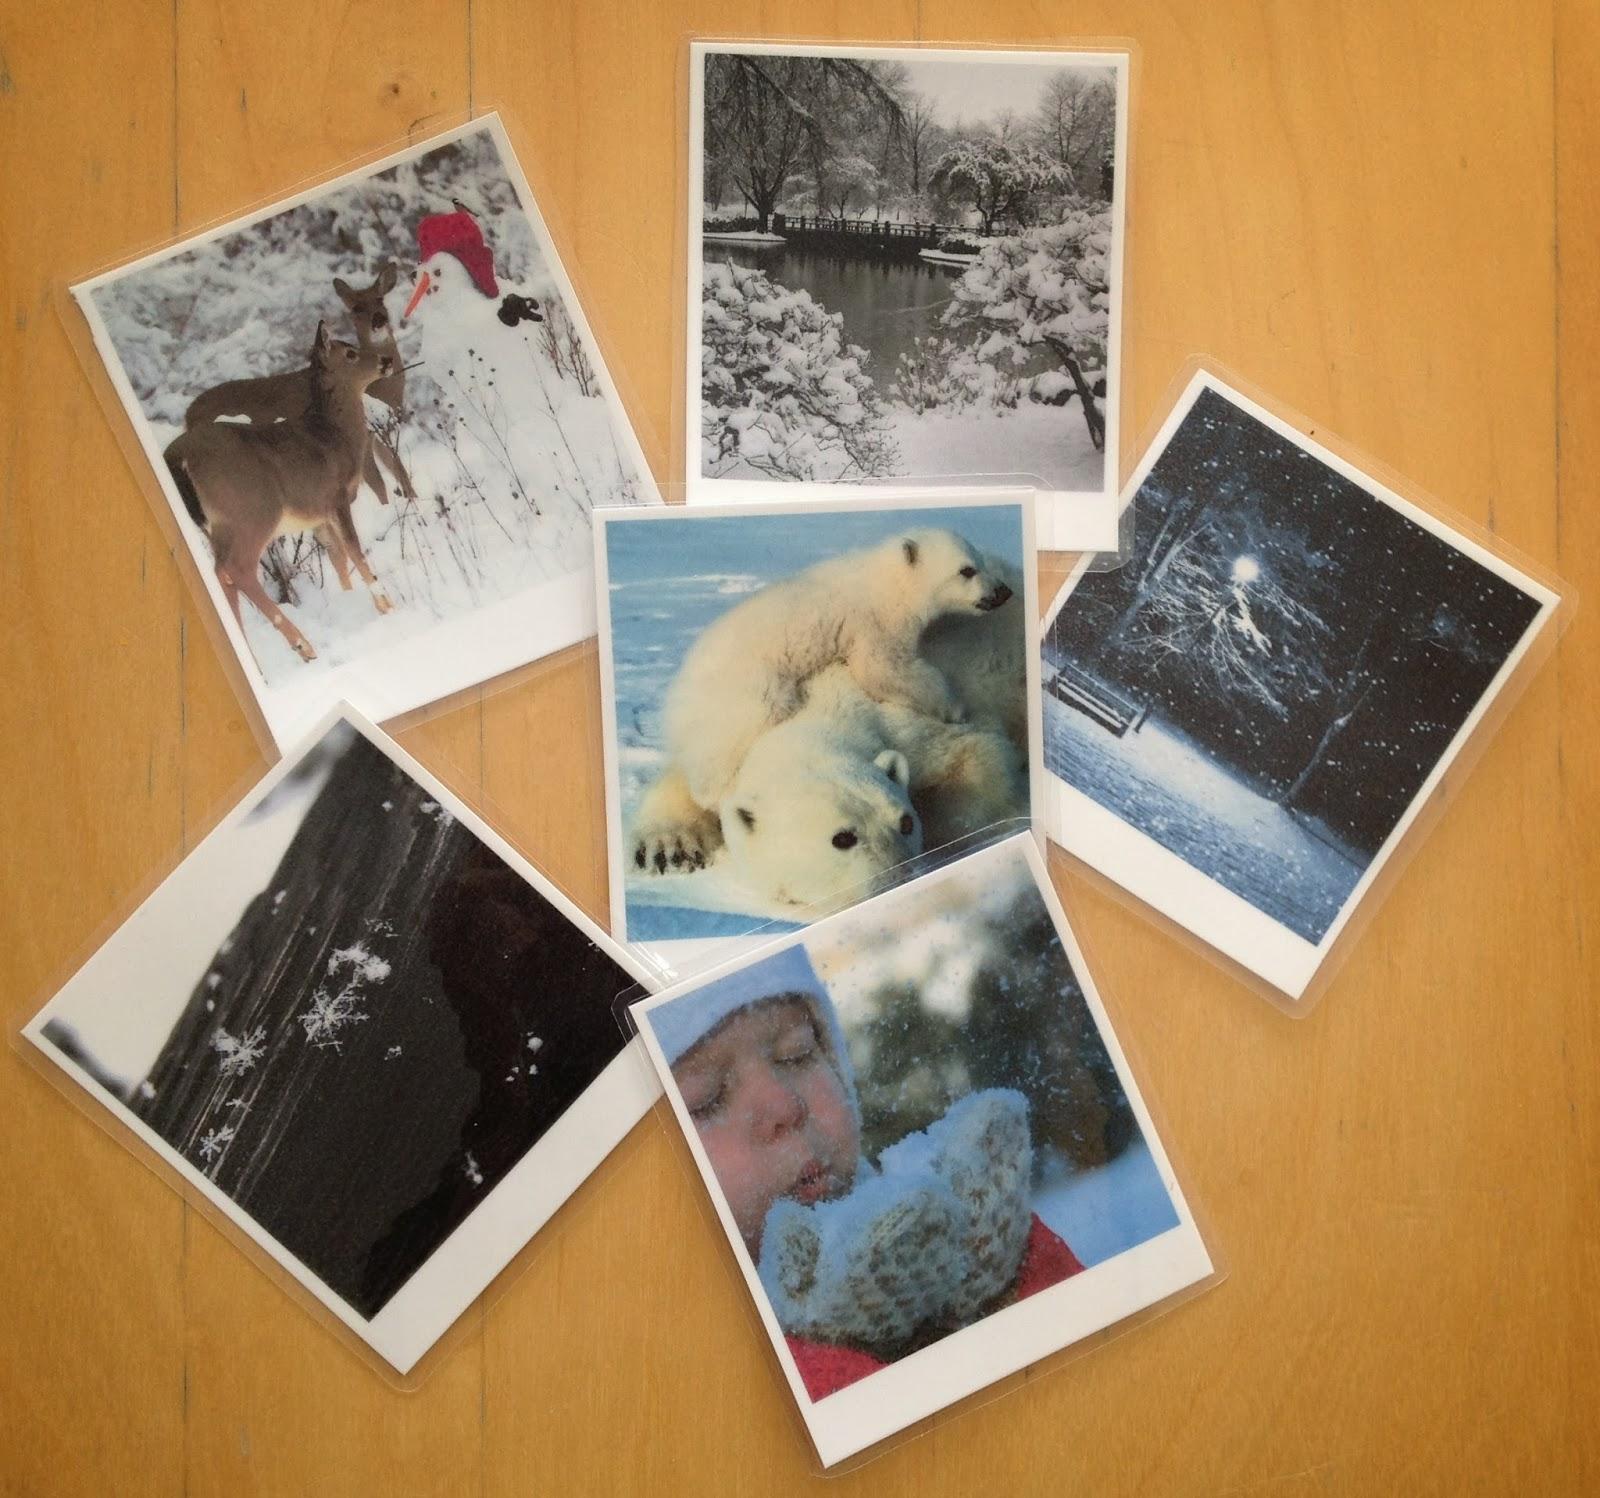 Kış mevsimi ile ilgili birkaç fotoğraf